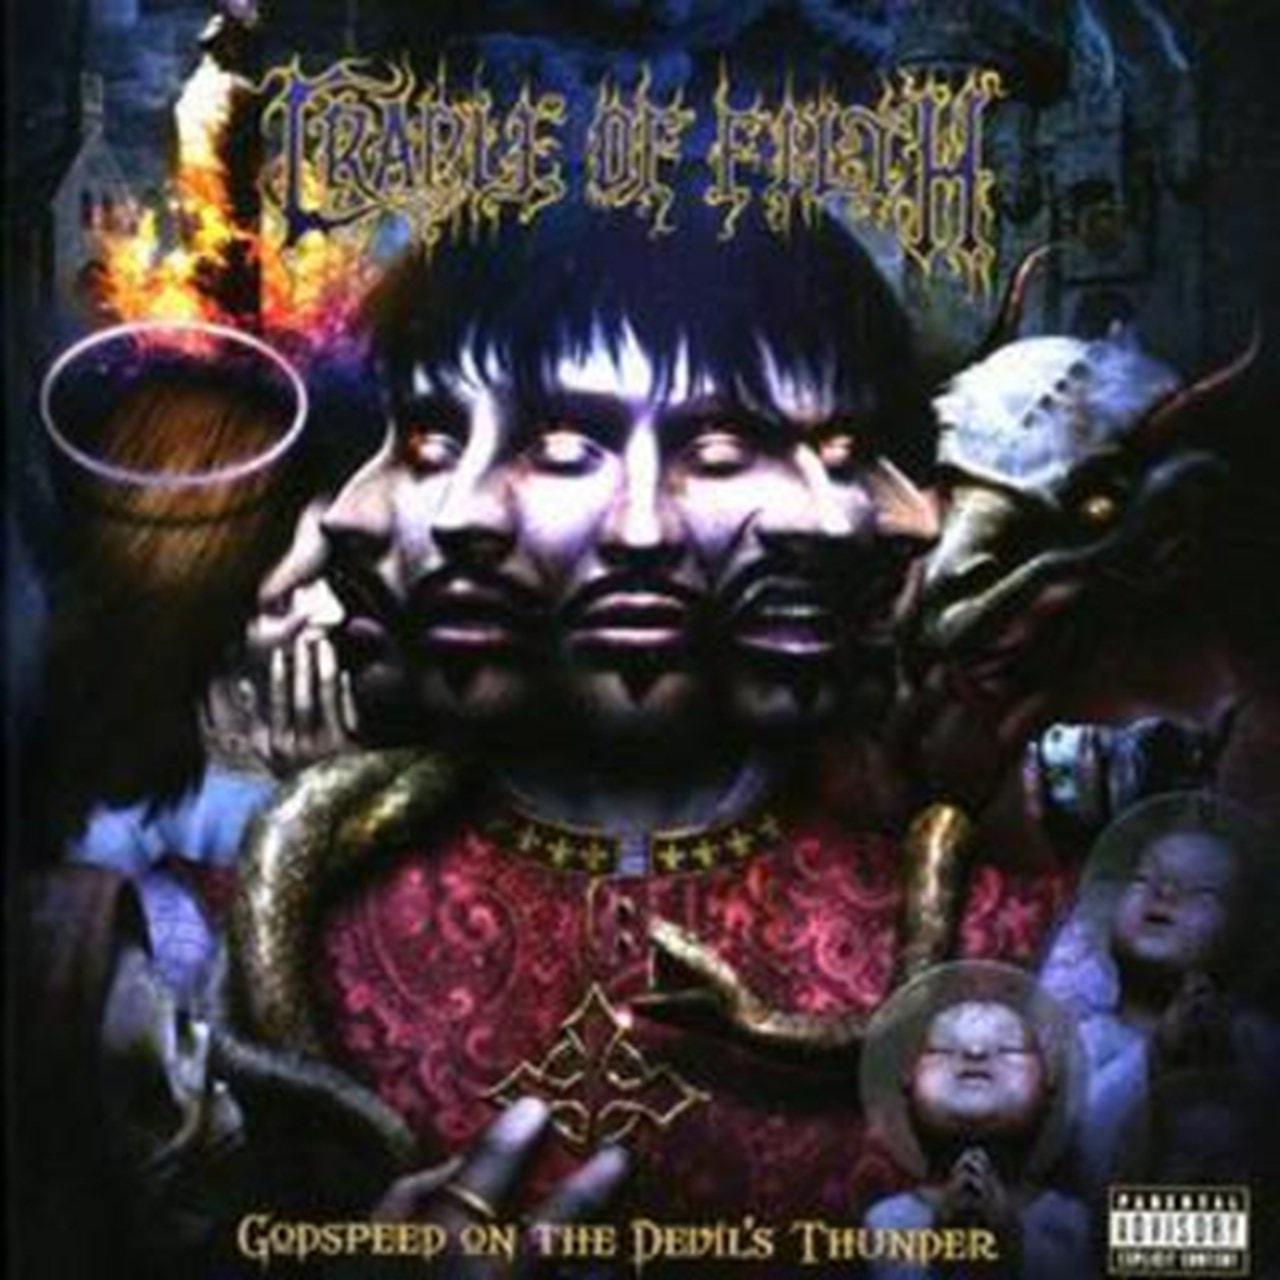 Godspeed On the Devil's Thunder - 1